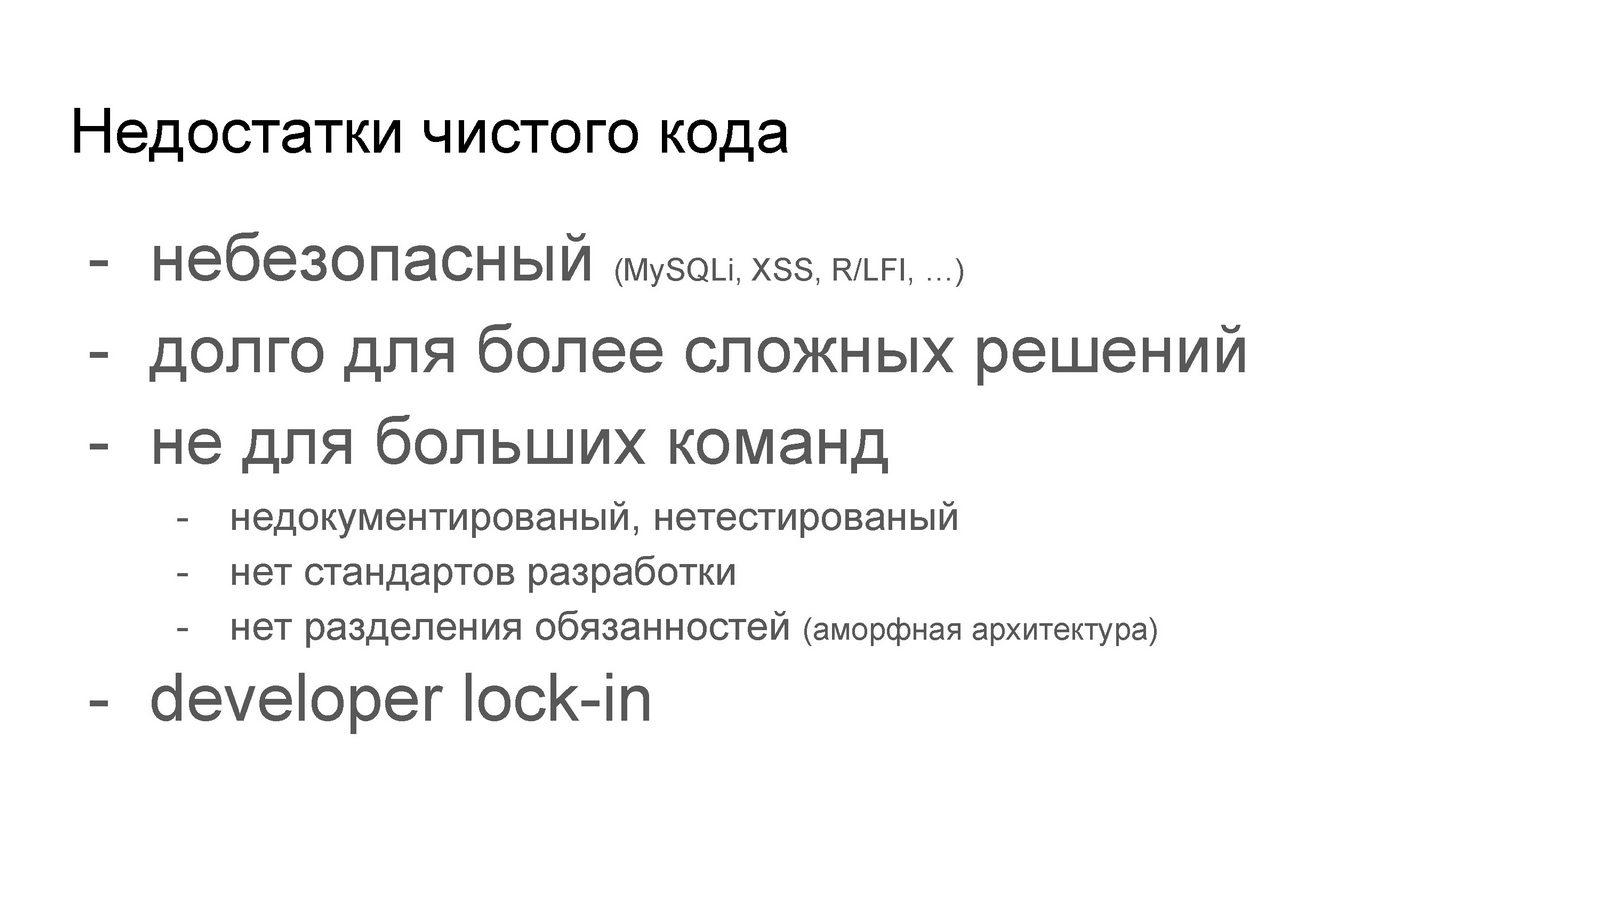 Чистый код или WordPress — Геннадий Ковшенин_Page_24